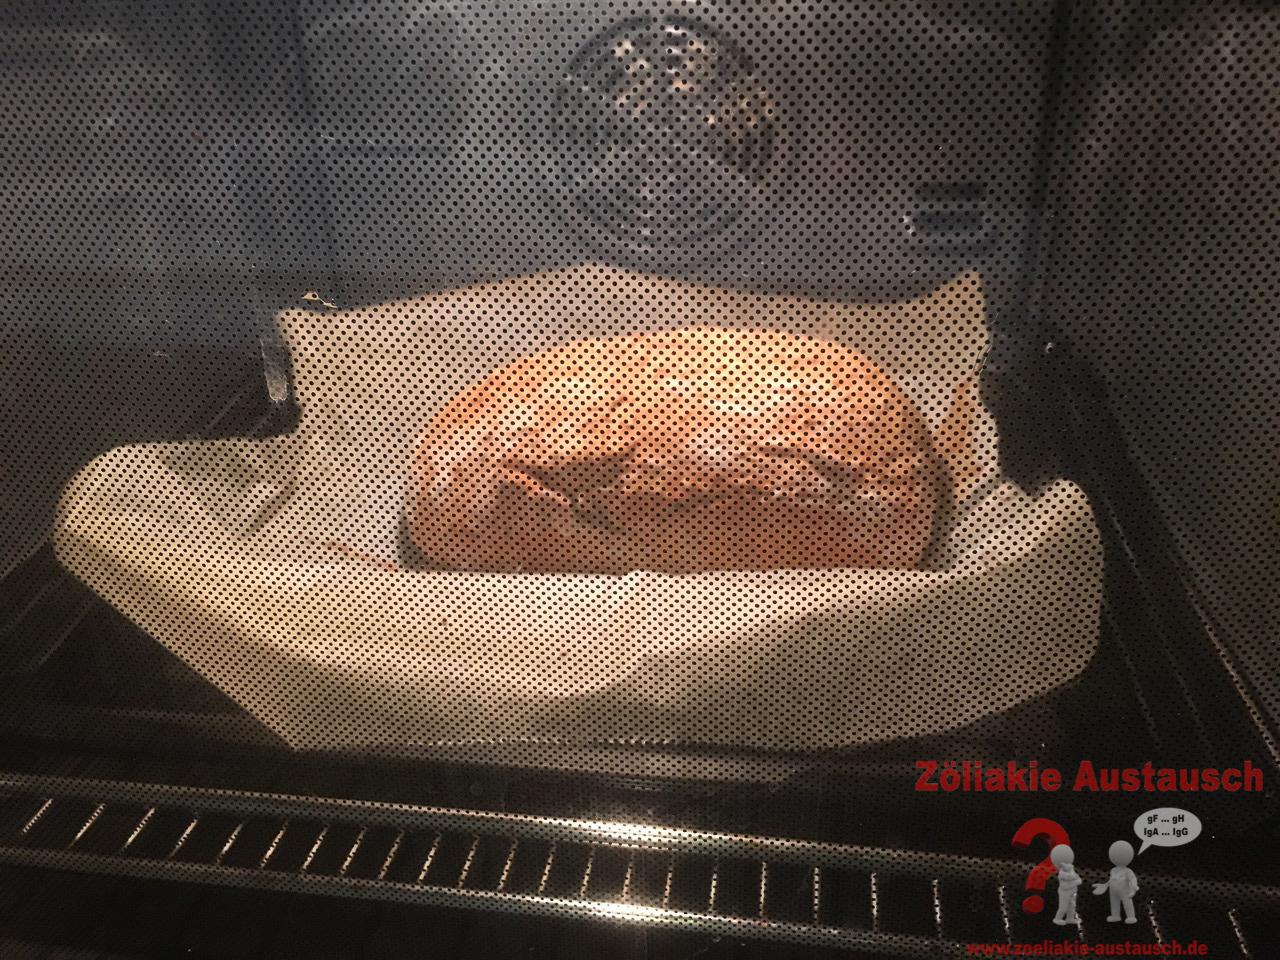 HobbyBaecker-Glutenfrei-Zoeliakie-Austausch_0276